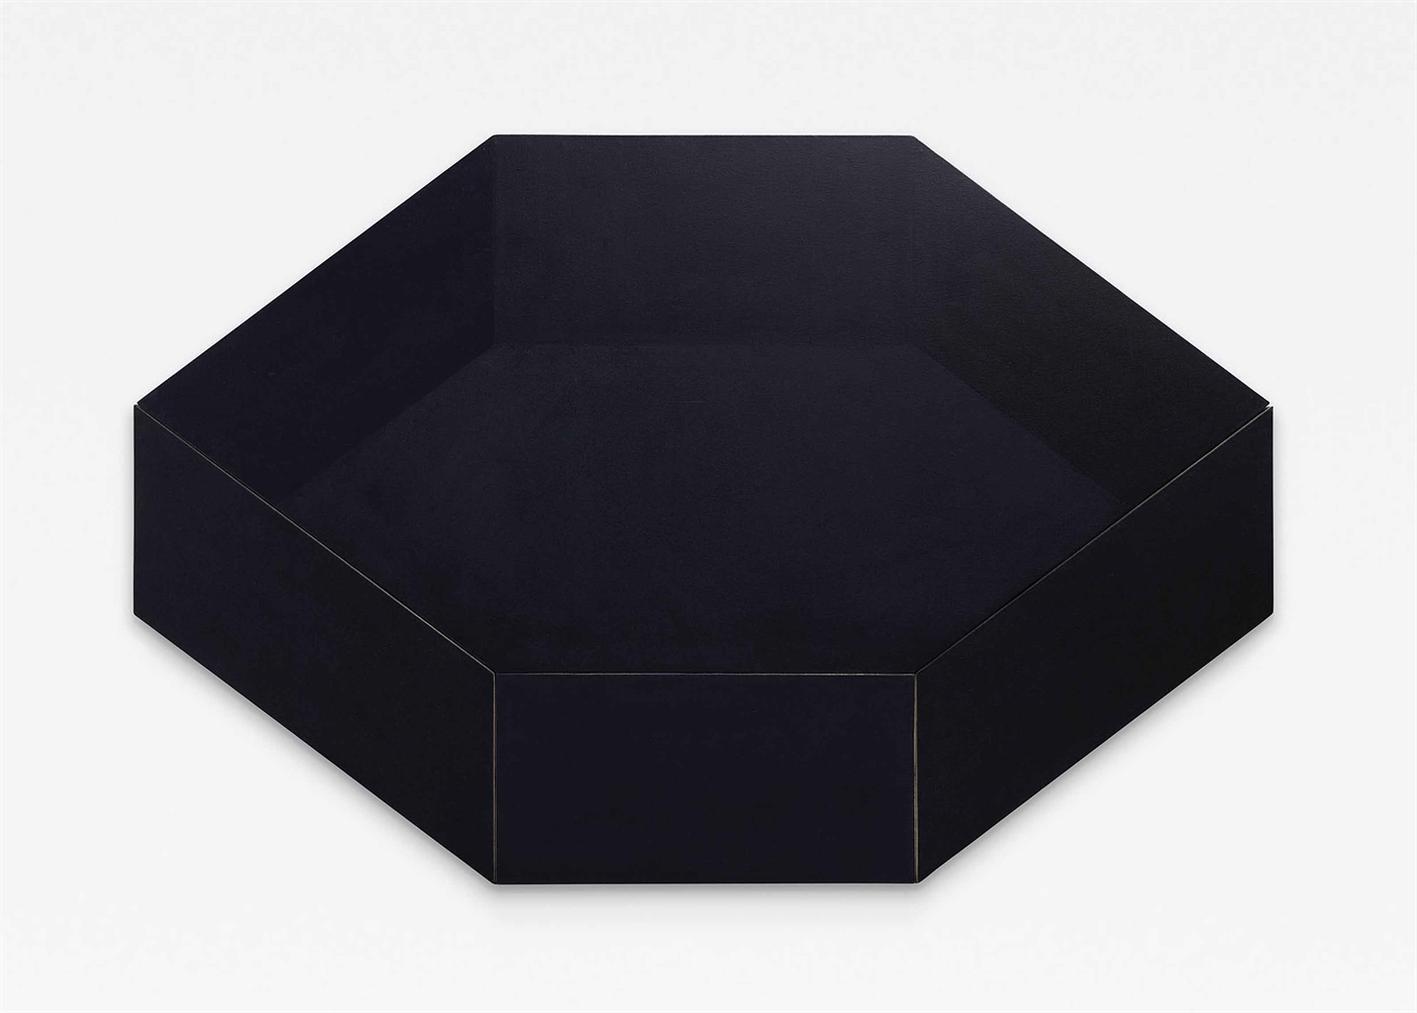 Rodolfo Arico-'Oggetto Non Oggetto' Omaggio A Kasimir Blu ('Object Non-Object' Homage To Kasimir Blue)-1968